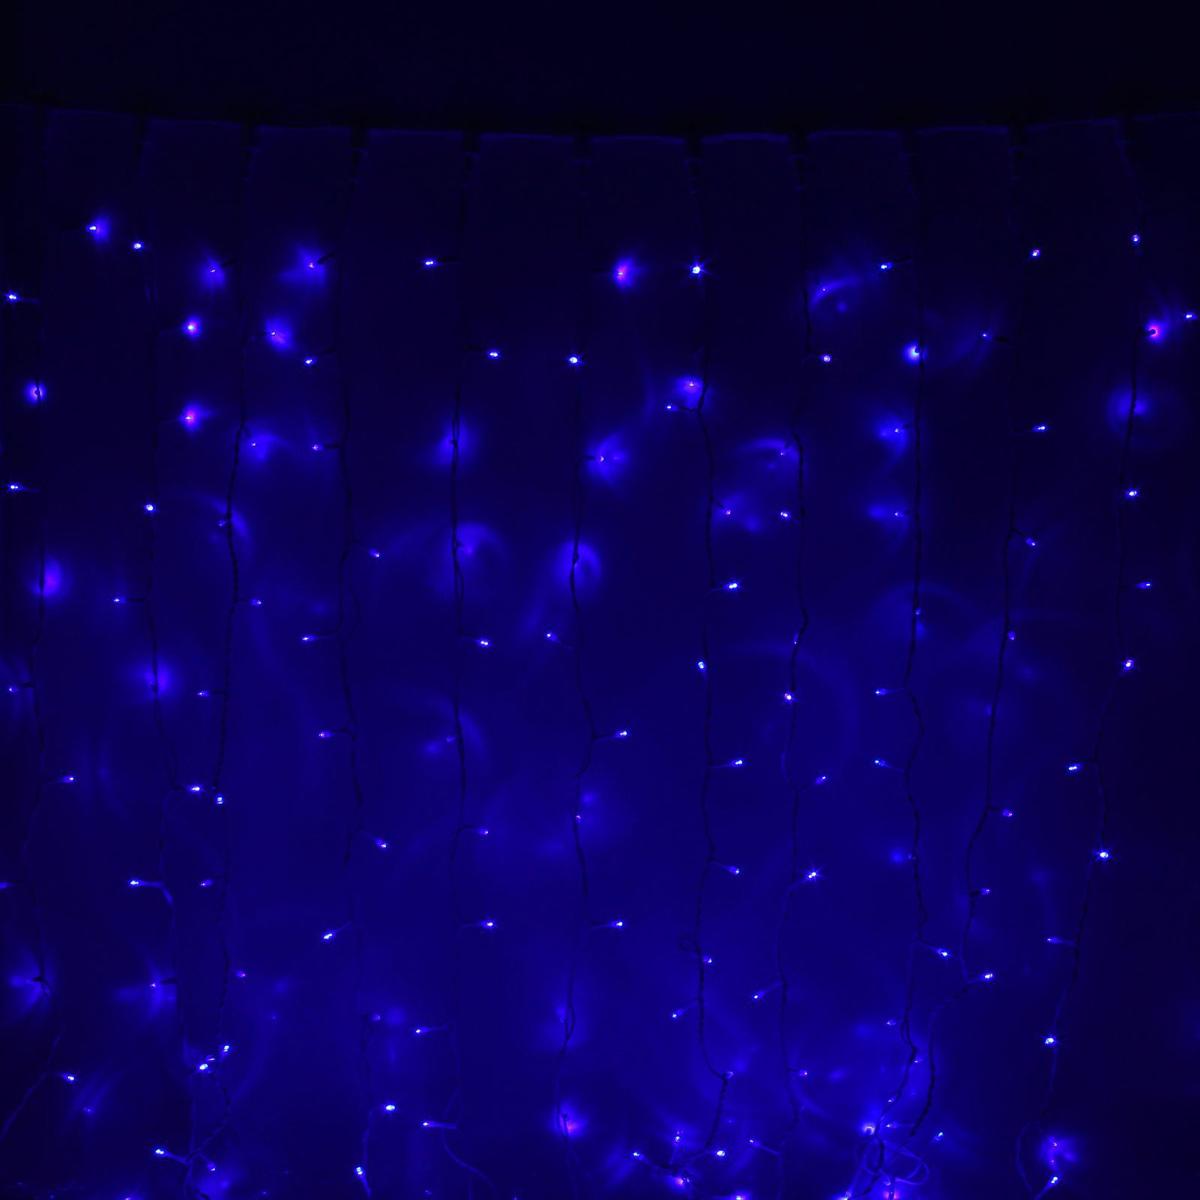 Гирлянда светодиодная Luazon Занавес, цвет: синий, уличная, 1800 ламп, 450-220 V, 2 х 9 м. 10803081080308Светодиодные гирлянды и ленты — это отличный вариант для новогоднего оформления интерьера или фасада. С их помощью помещение любого размера можно превратить в праздничный зал, а внешние элементы зданий, украшенные ими, мгновенно станут напоминать очертания сказочного дворца. Такие украшения создают ауру предвкушения чуда. Деревья, фасады, витрины, окна и арки будто специально созданы, чтобы вы украсили их светящимися нитями.